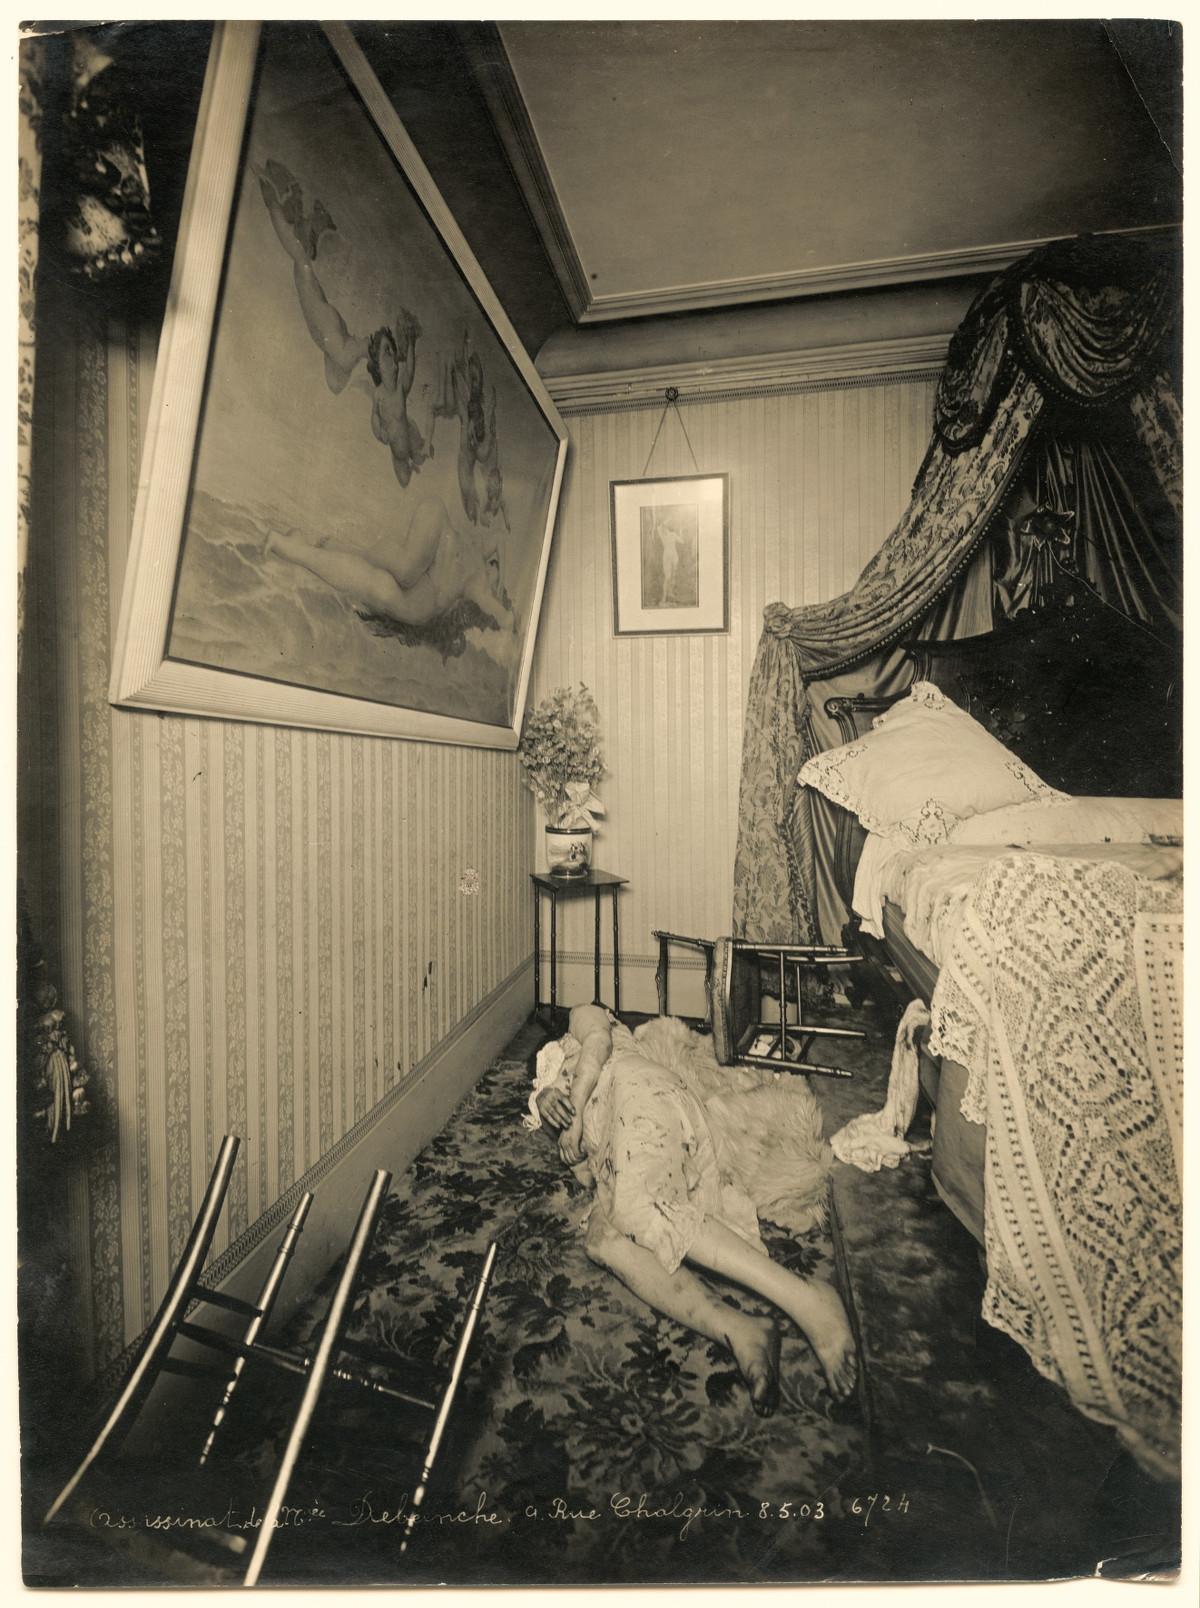 """Madame Debeinche, moradora da Rue Chalgrin, 9, foi encontrada morta no chão de seu apartamento de classe média em 8 de maio de 1903. """"A coloração amarronzada das mãos e dos pés corresponde à de um corpo em putrefação... há quanto tempo o crime havia sido cometido?"""", pergunta-se Philippe Charlier antes de considerar a possibilidade de que a cena tenha sido resultado de uma briga com golpes violentos."""